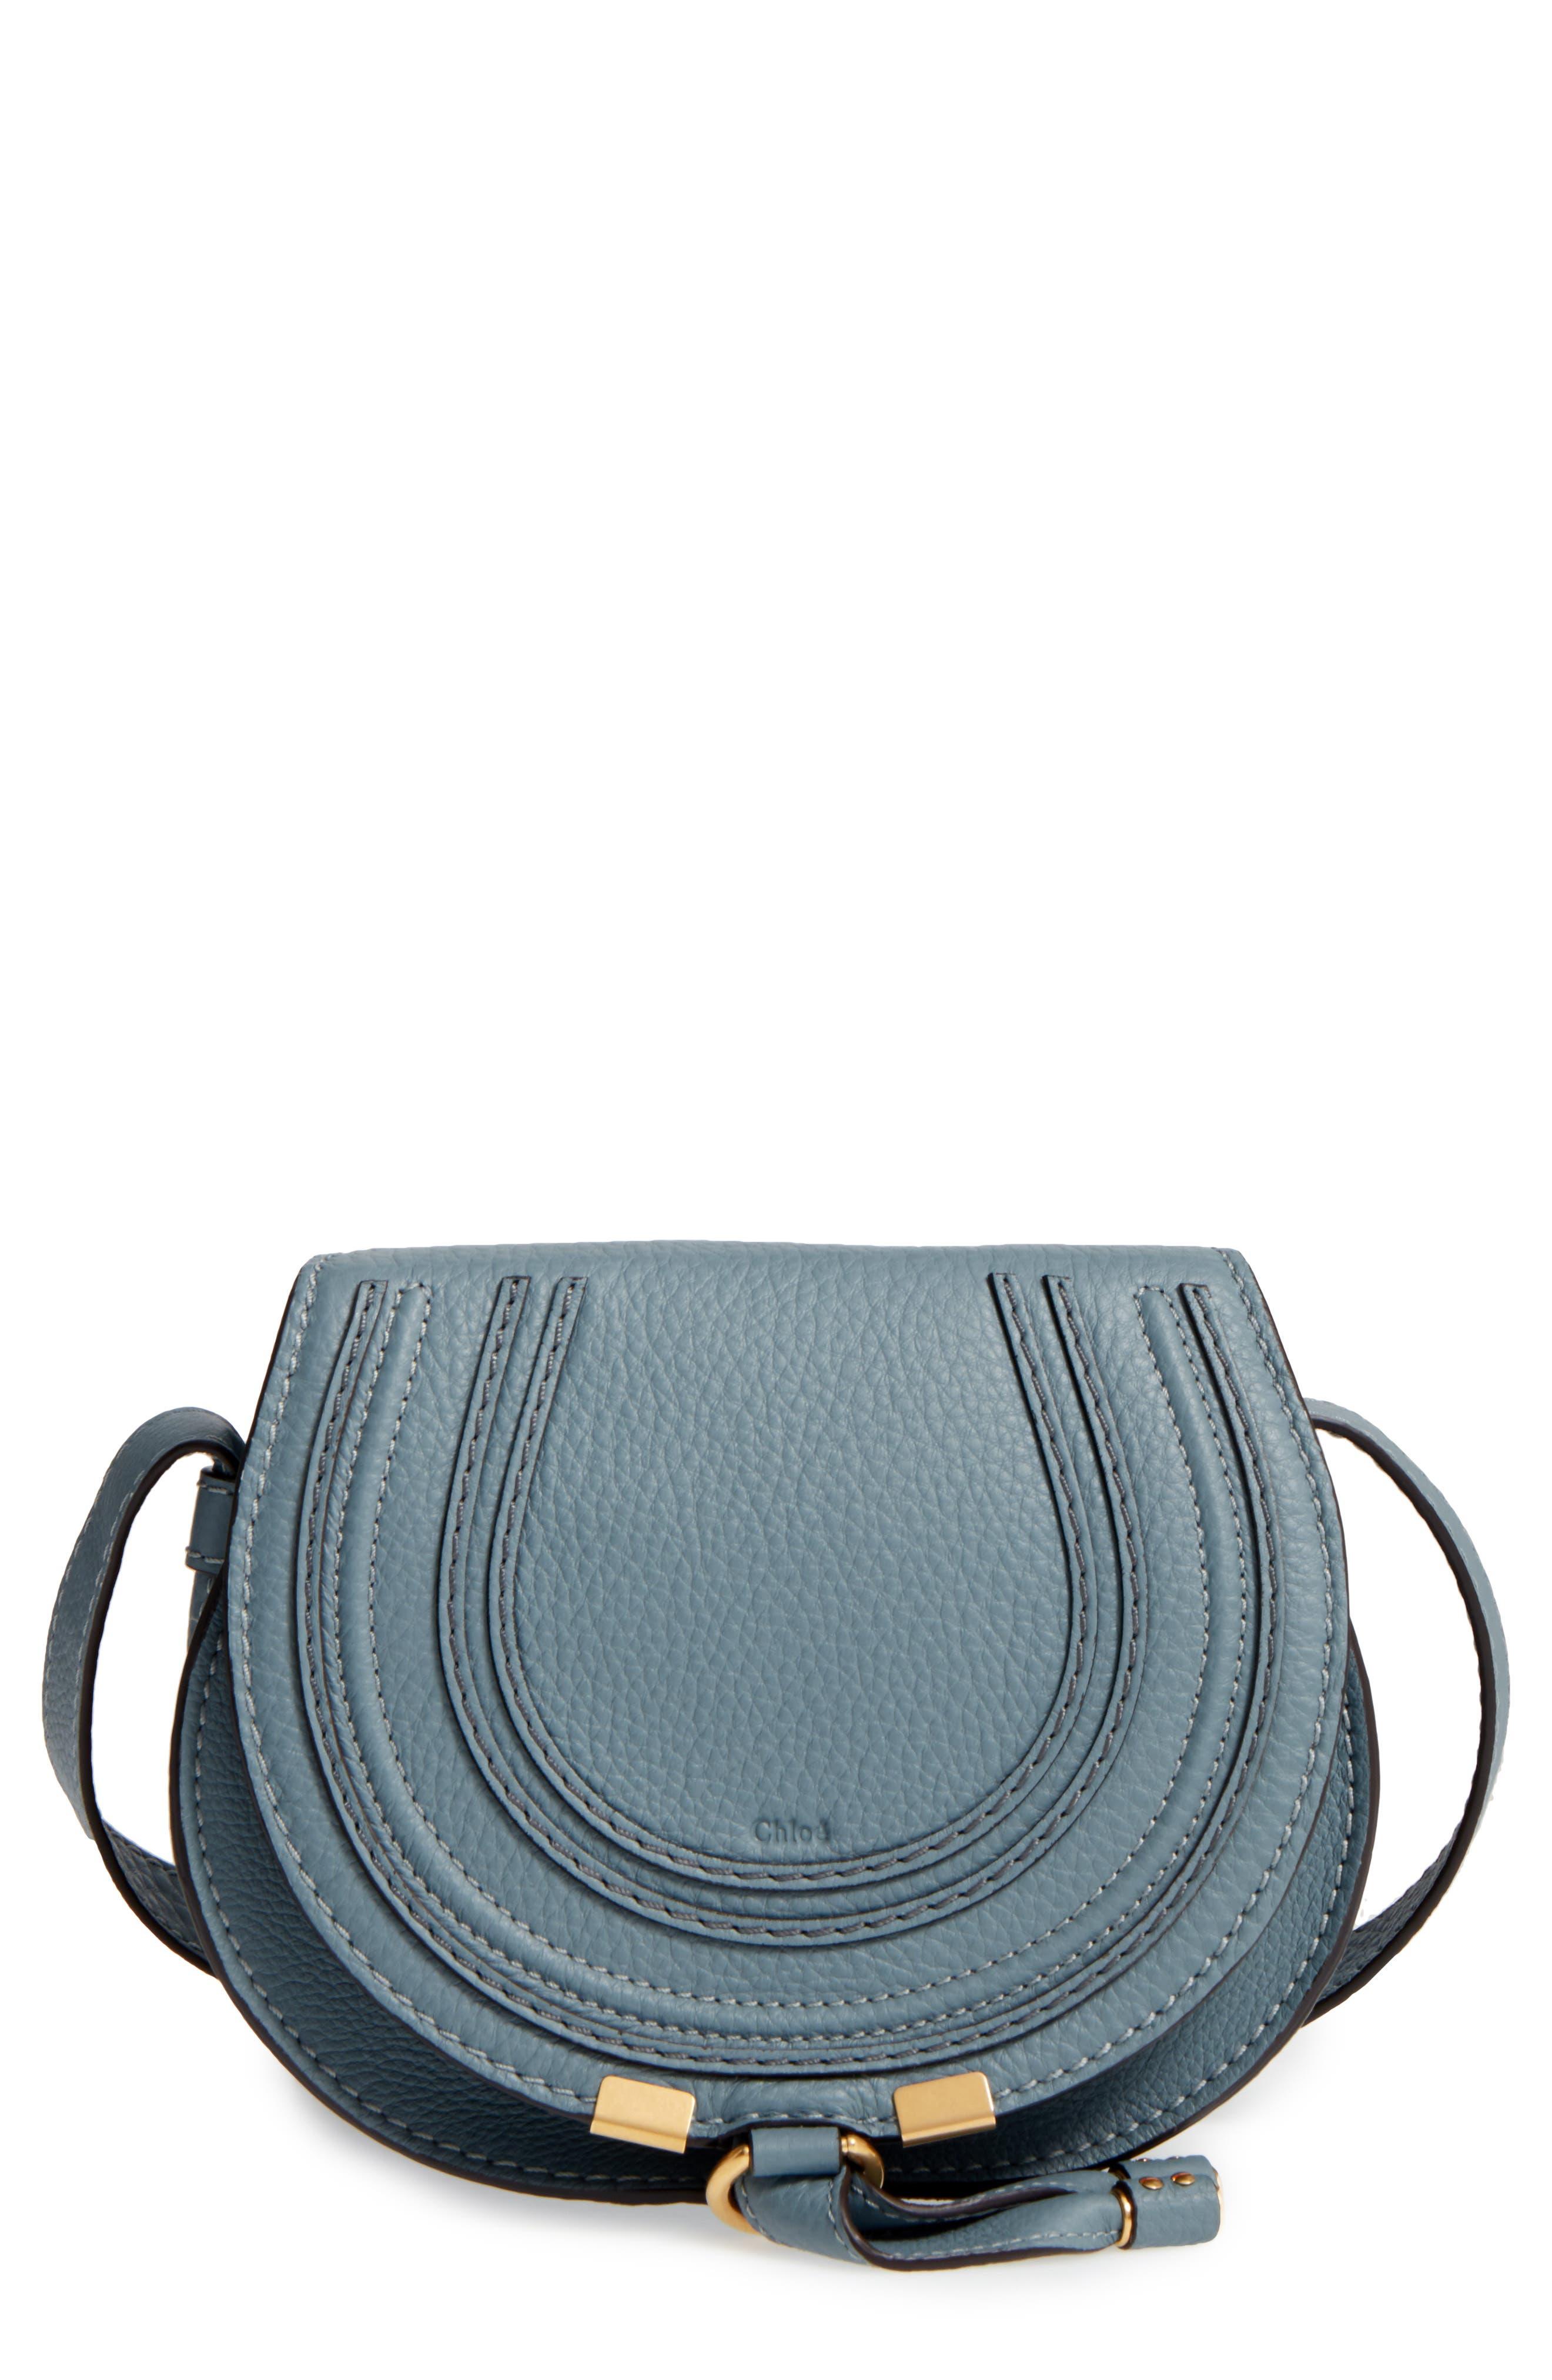 CHLOÉ, 'Mini Marcie' Leather Crossbody Bag, Main thumbnail 1, color, BFC CLOUDY BLUE